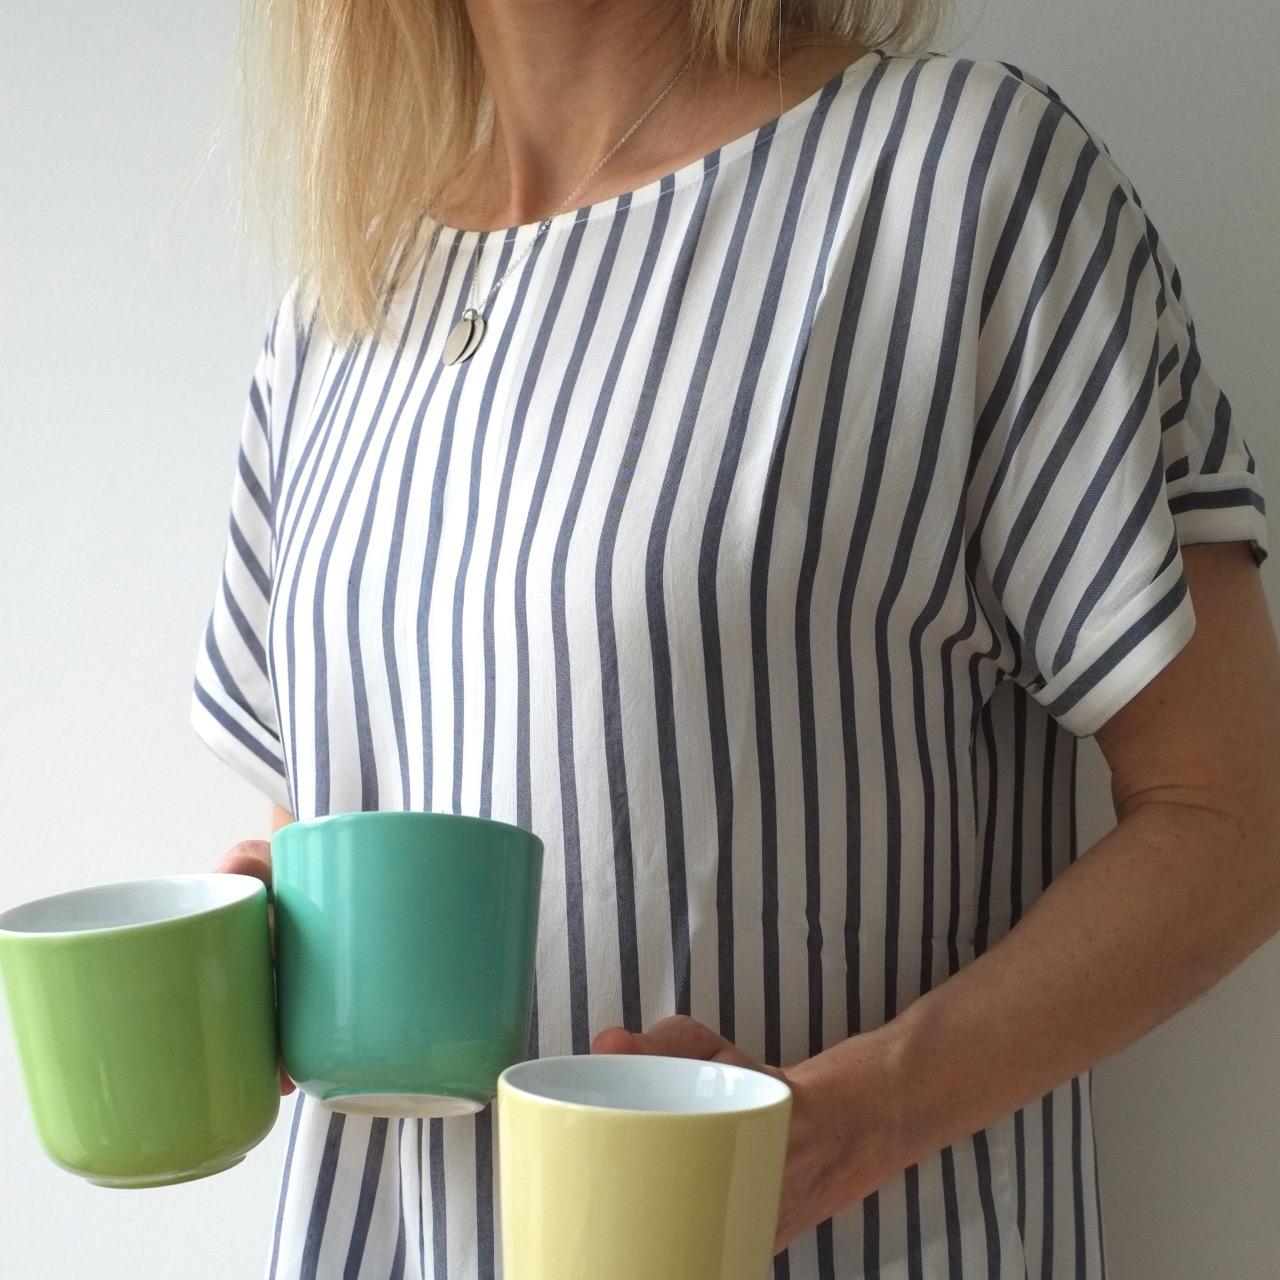 bluse-streifen-kurzarm-blau-weiss-redraft-herrundfraukrauss-onlineshop-blog-blogger